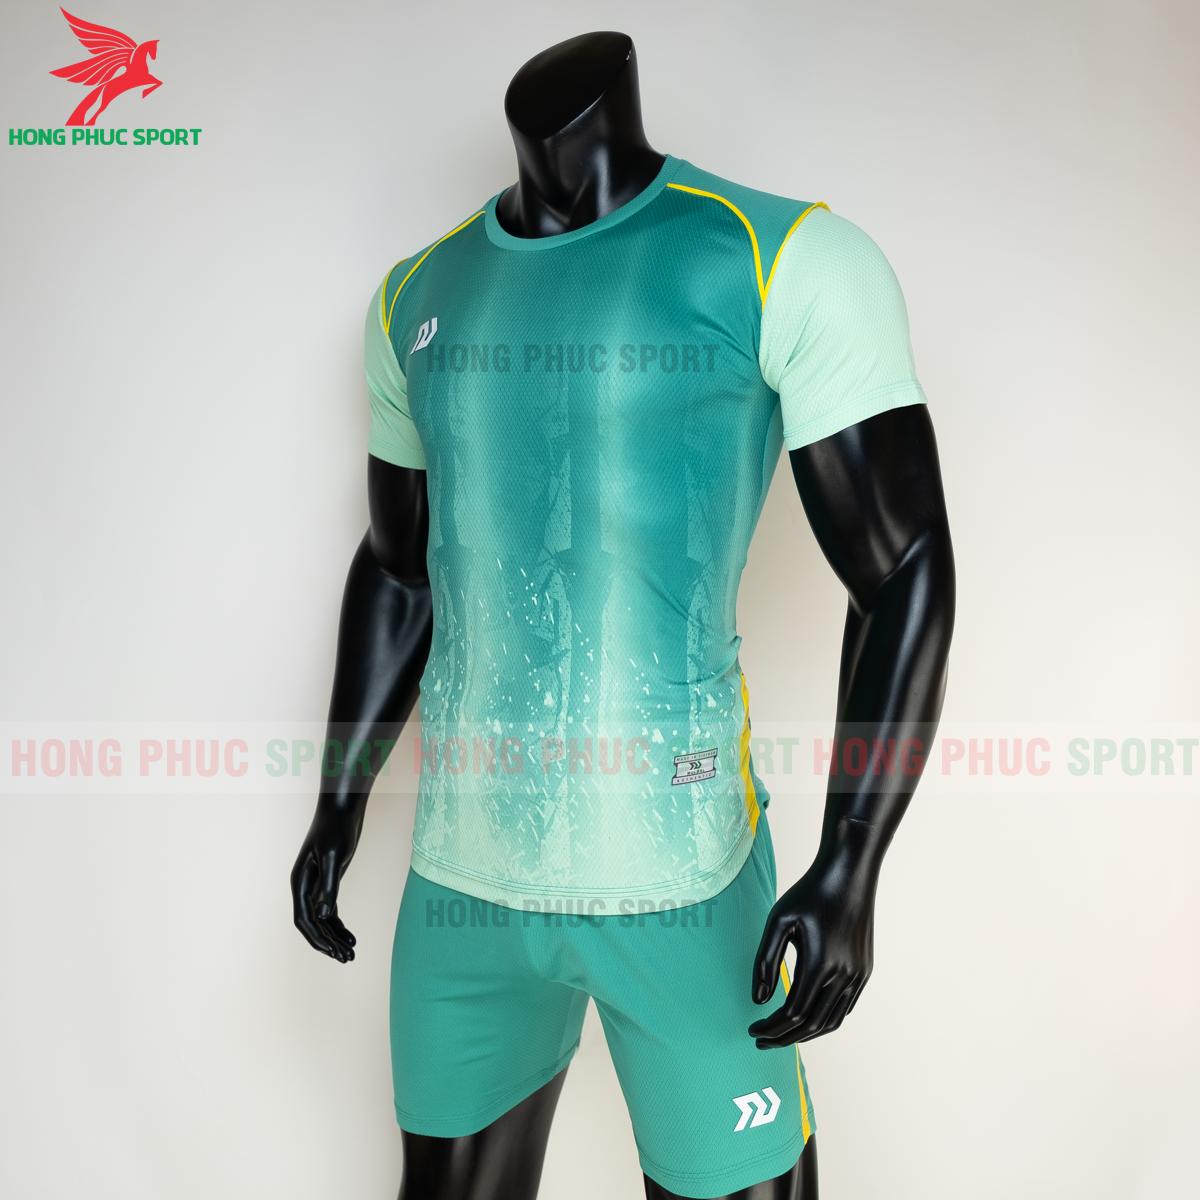 Áo đá banh không logo Bulbal Hades 2021 màu Xanh lá (trái)